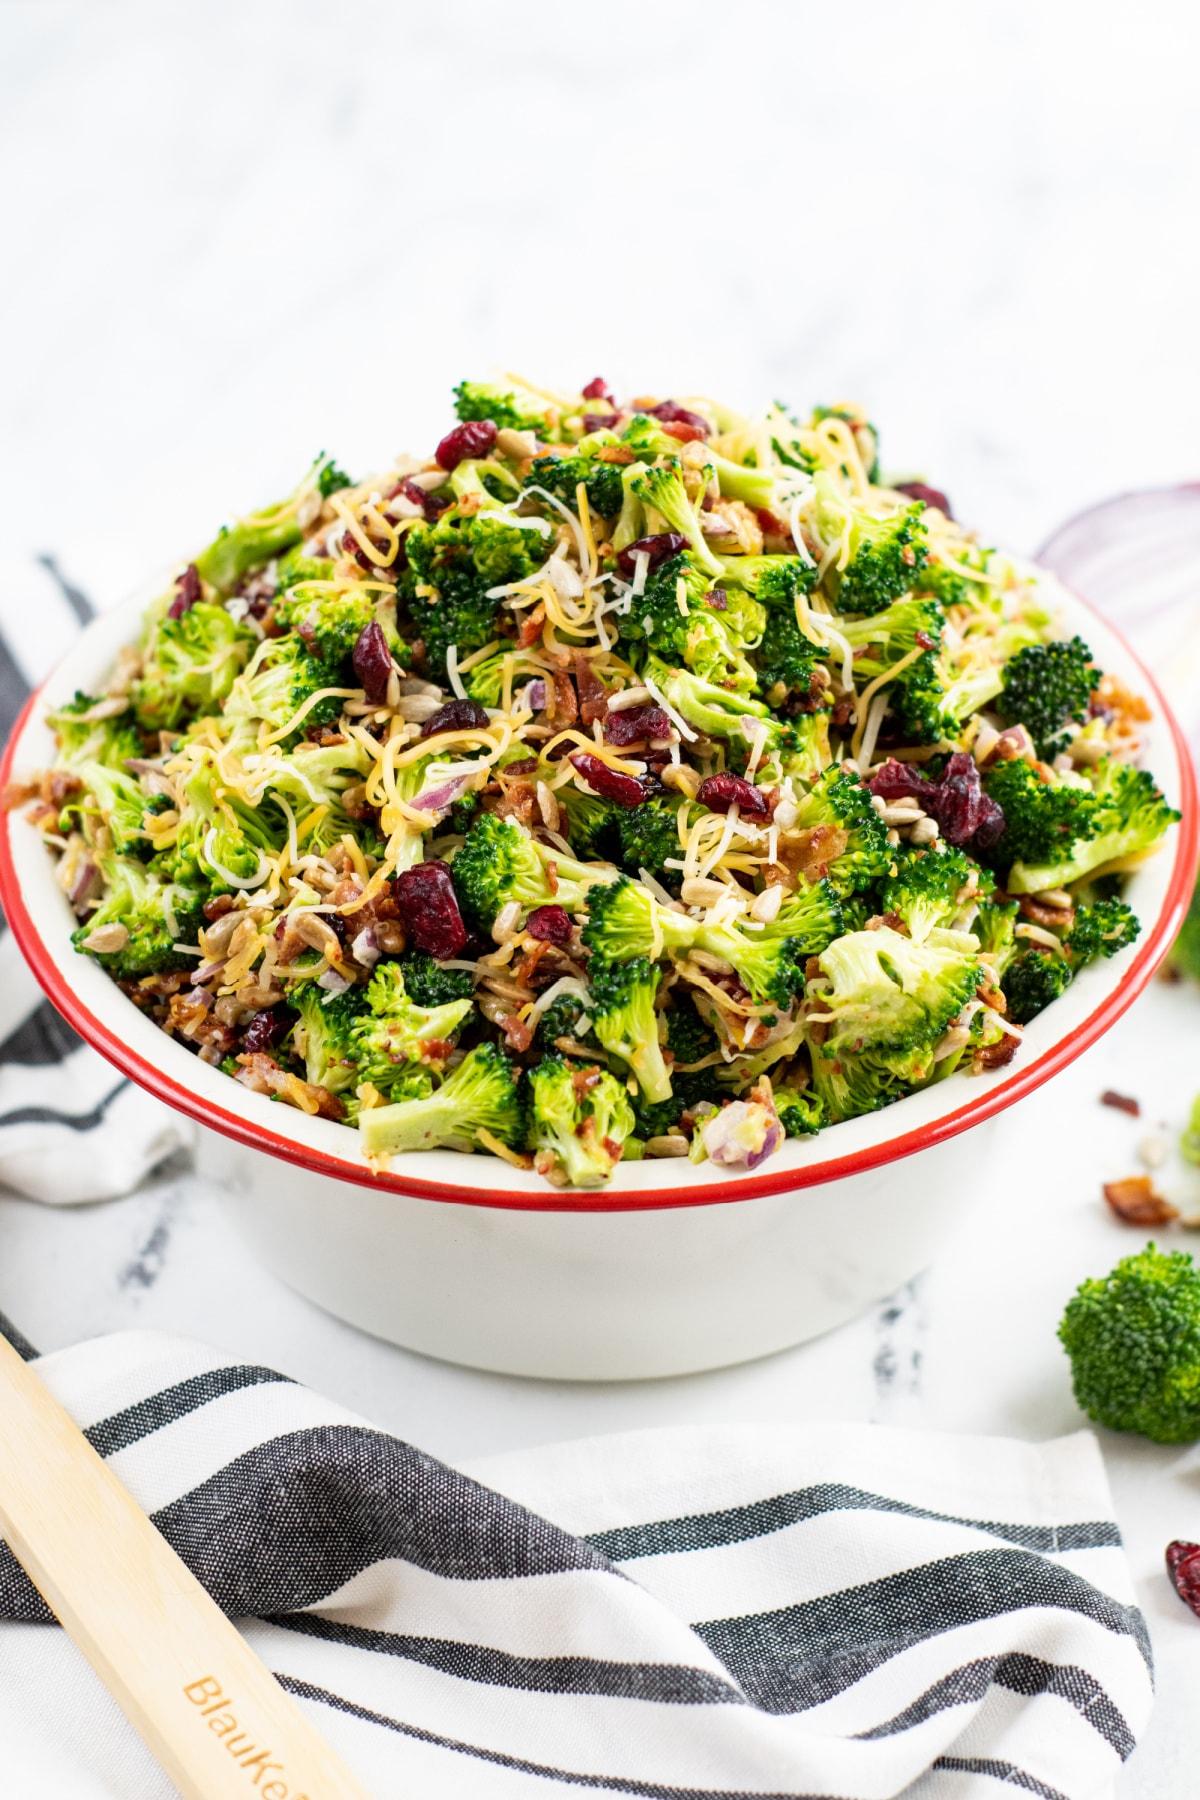 Easy broccoli salad with craisins